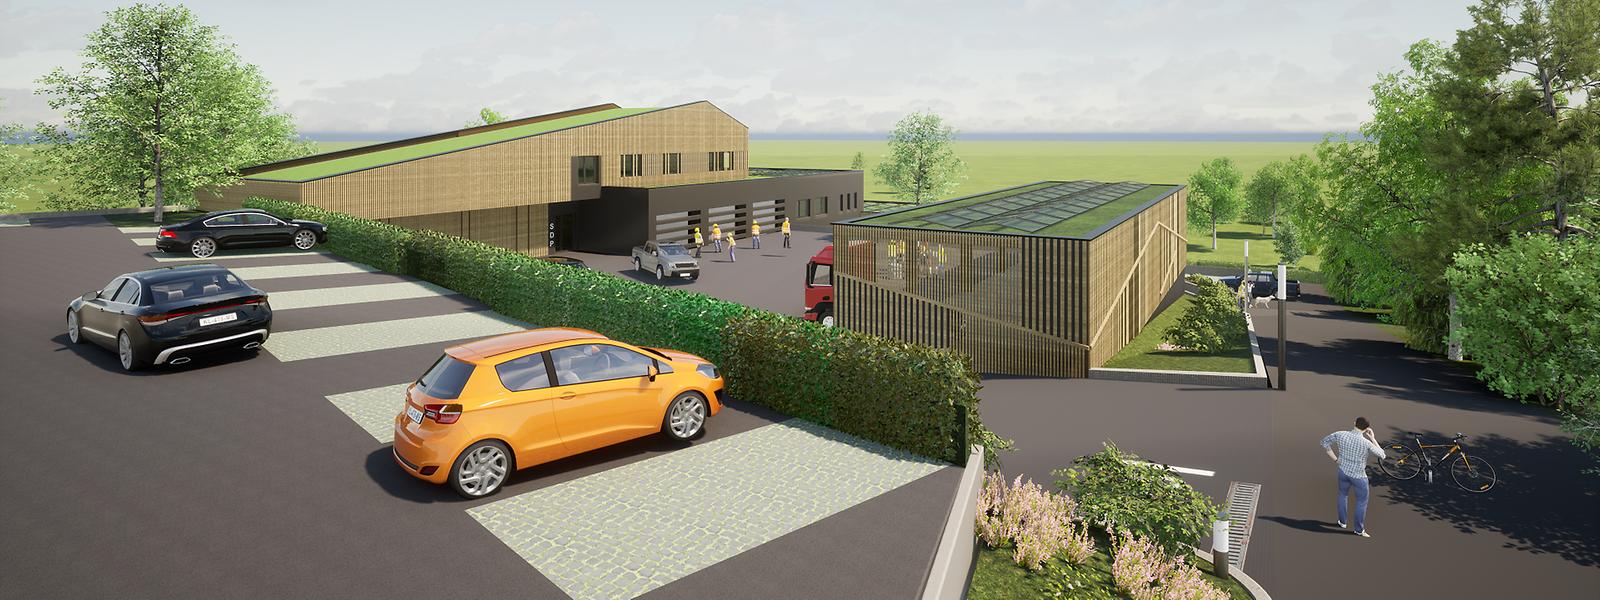 Le nouveau clubhouse donnera directement sur le parc de Gasperich, facilitant son accès aux équipes en charge de son entretien.